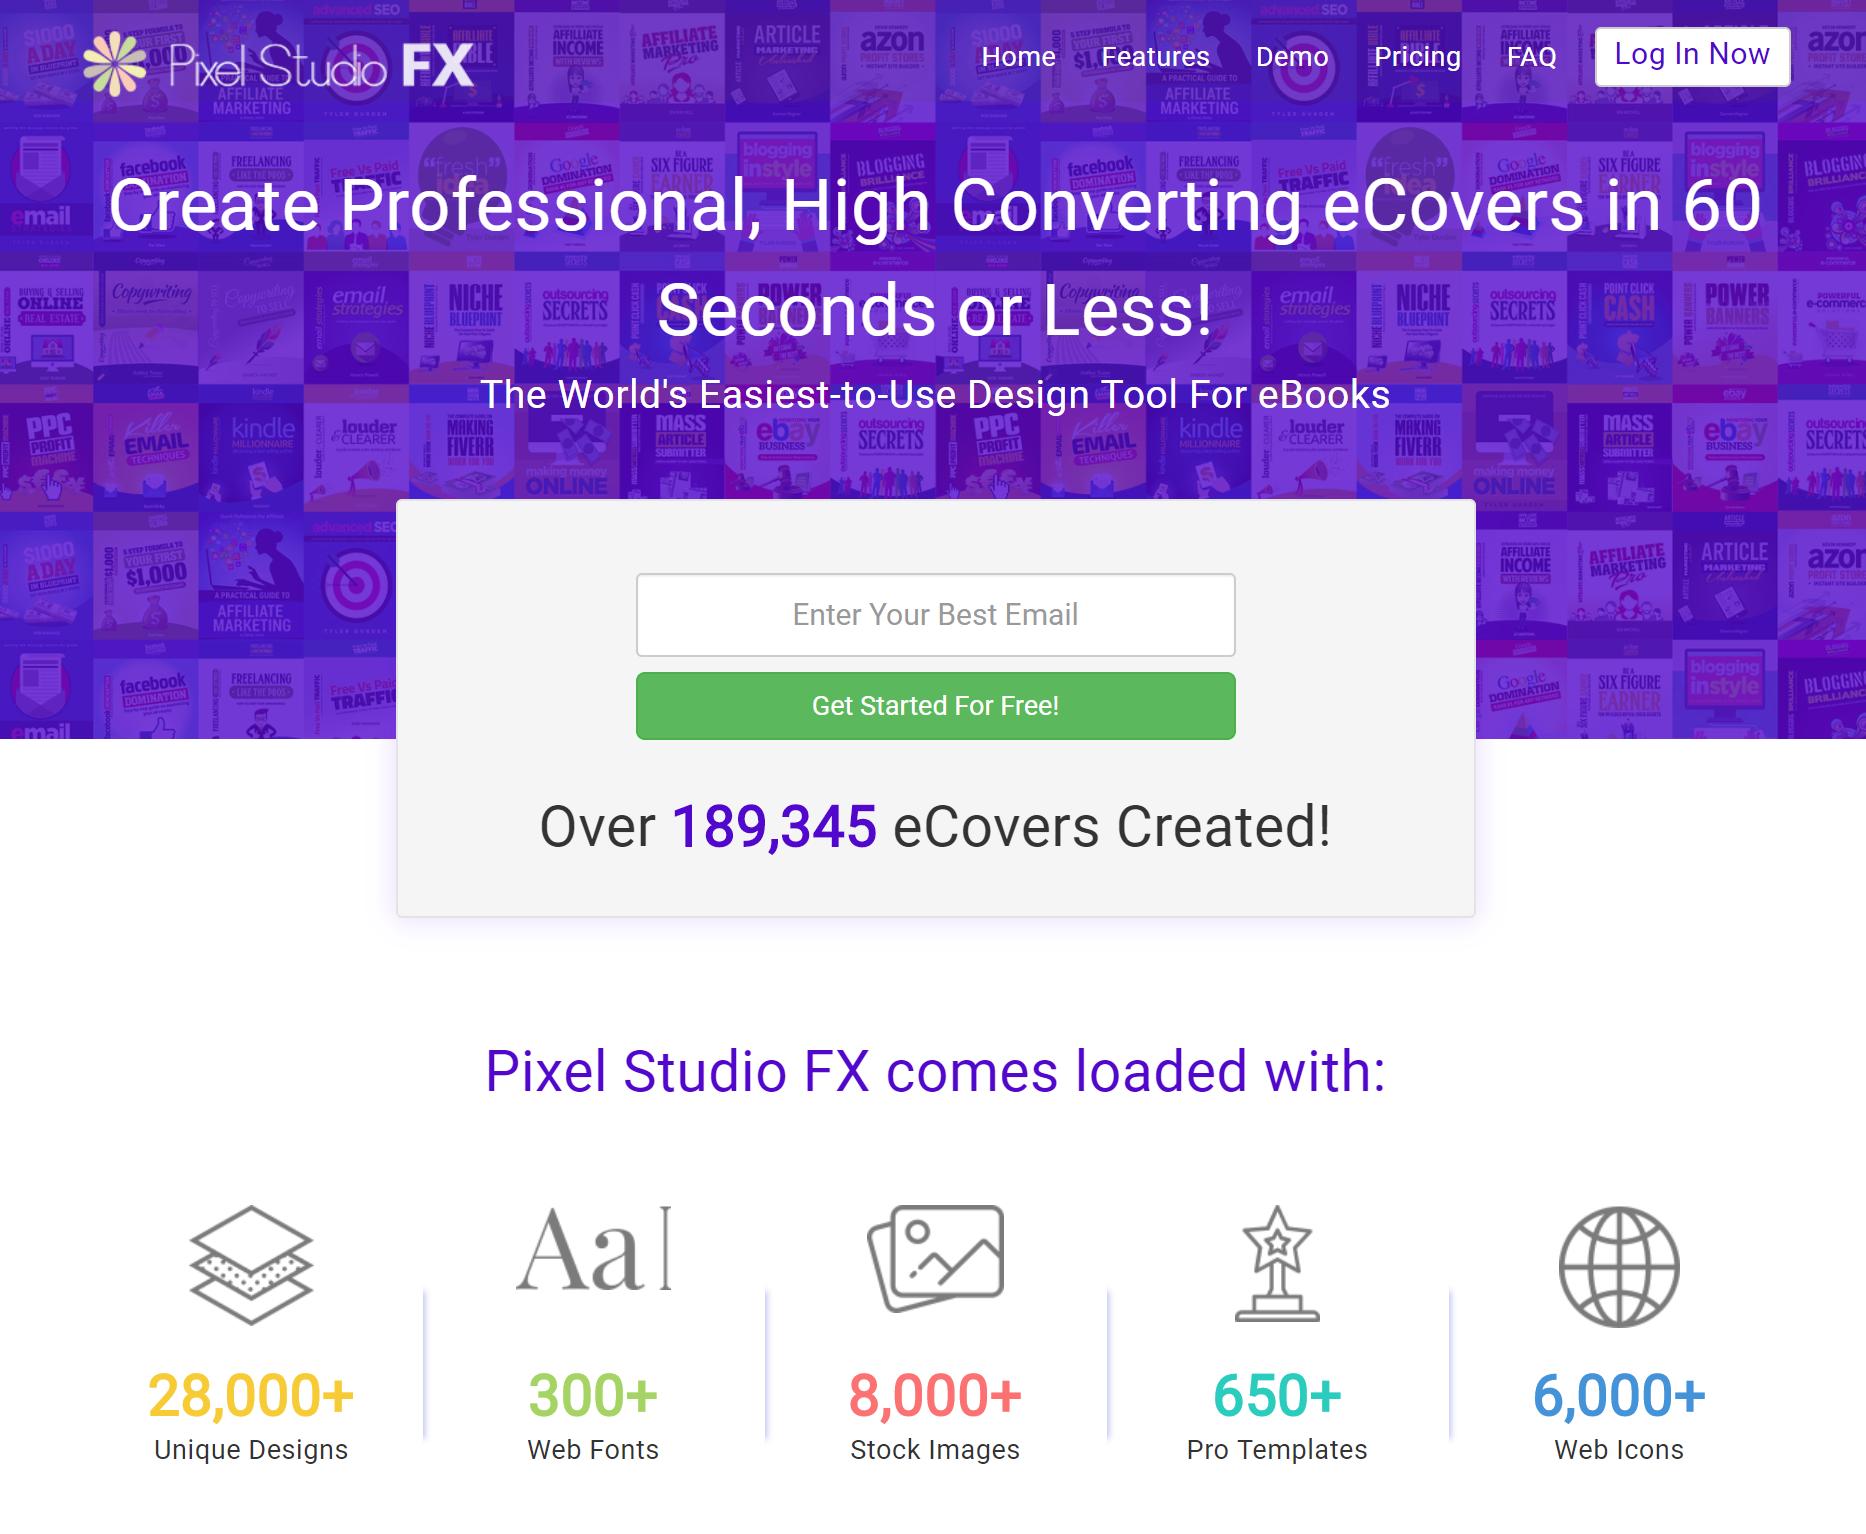 Lifetime-Studio-FX-review-bonuses-conyeco.com-LanzaPodcast-4-PixelStudioFX